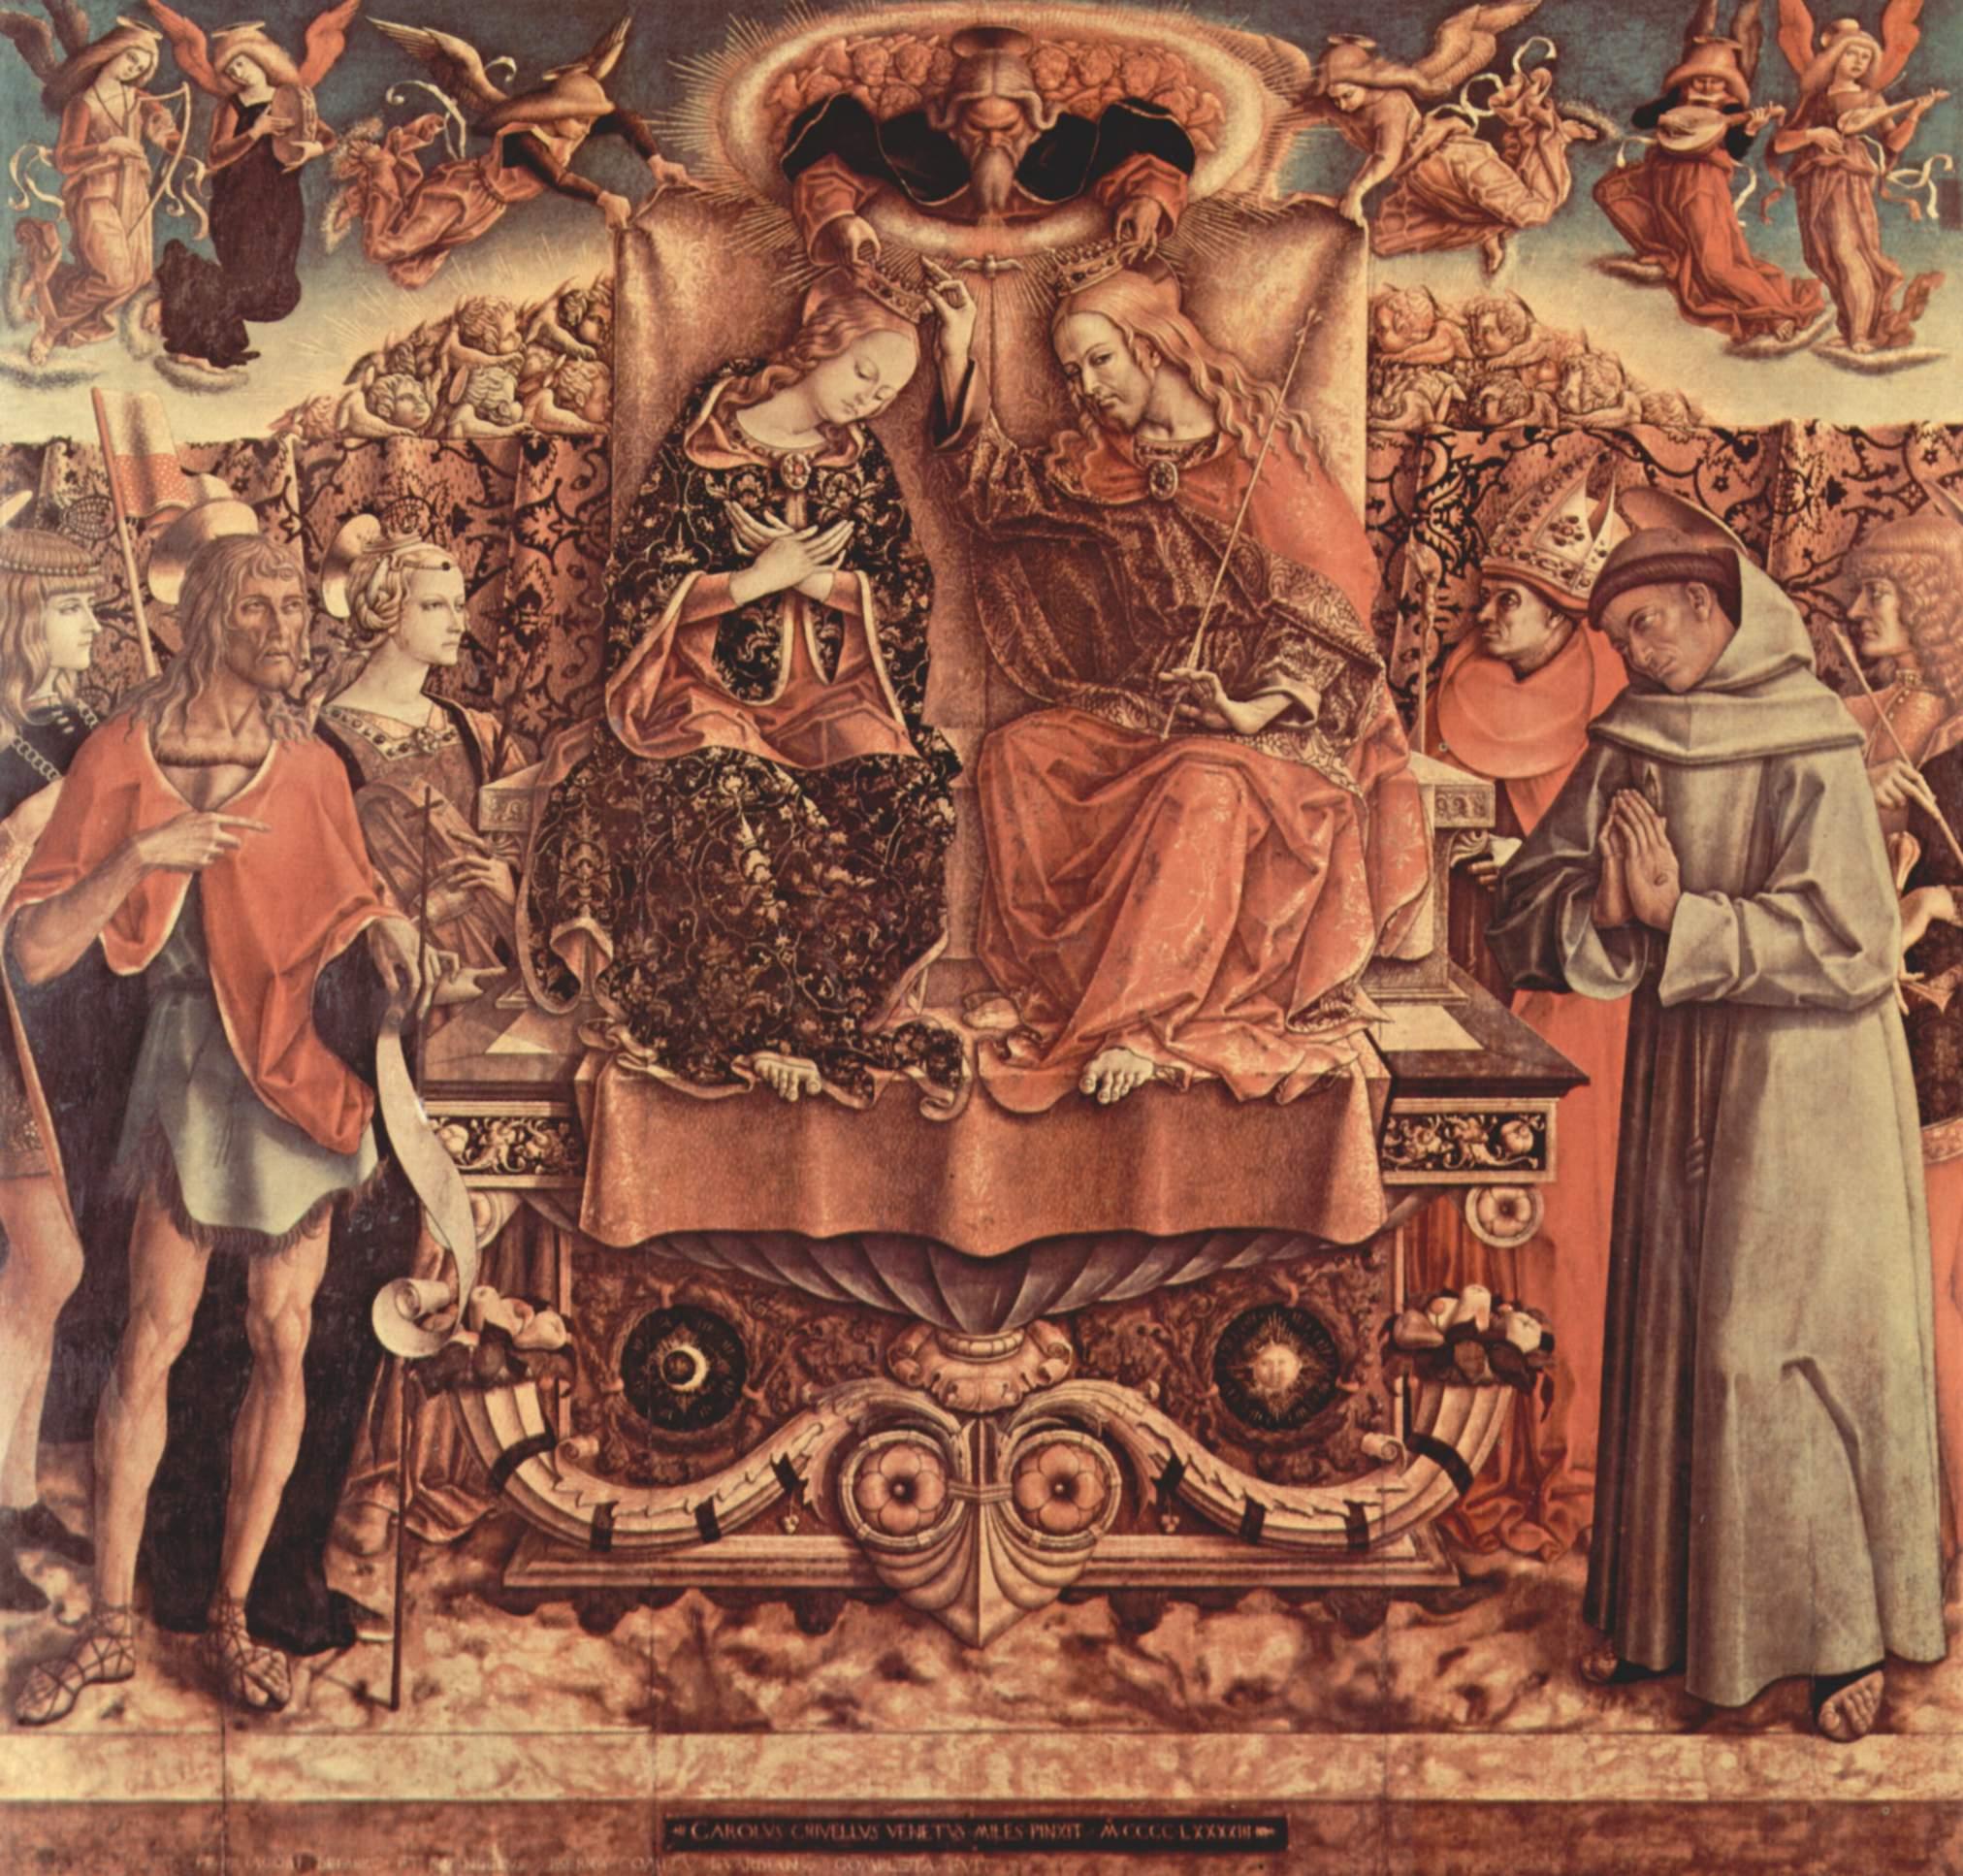 Коронование Марии, Святая Троица, слева  св. Венантий, Иоанн Креститель и св. Екатерина Александрийс, Карло Кривелли